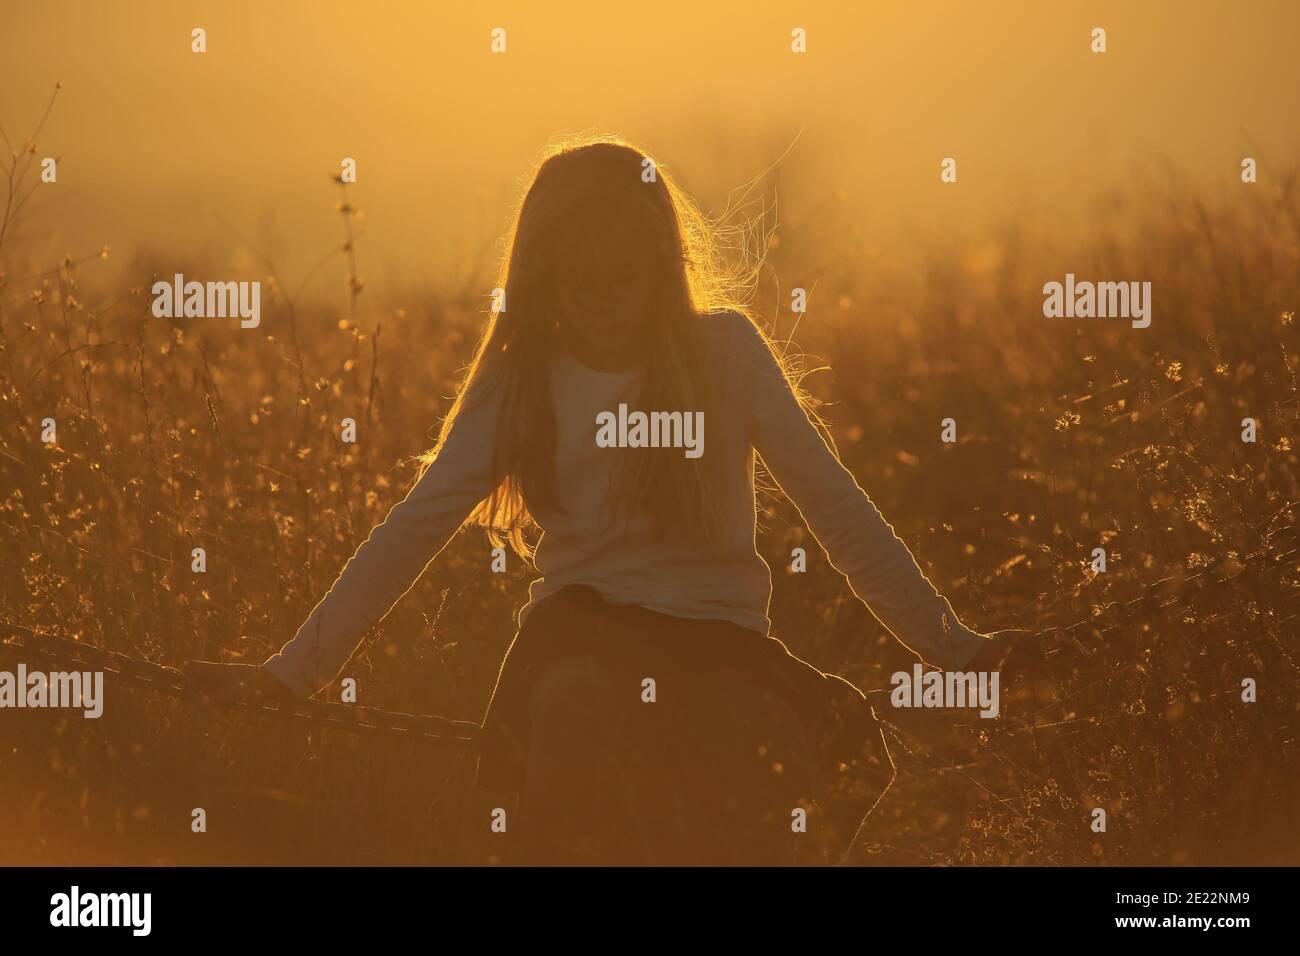 La jeune fille Blonde est assise sur une chaîne dans un or coucher de soleil Banque D'Images